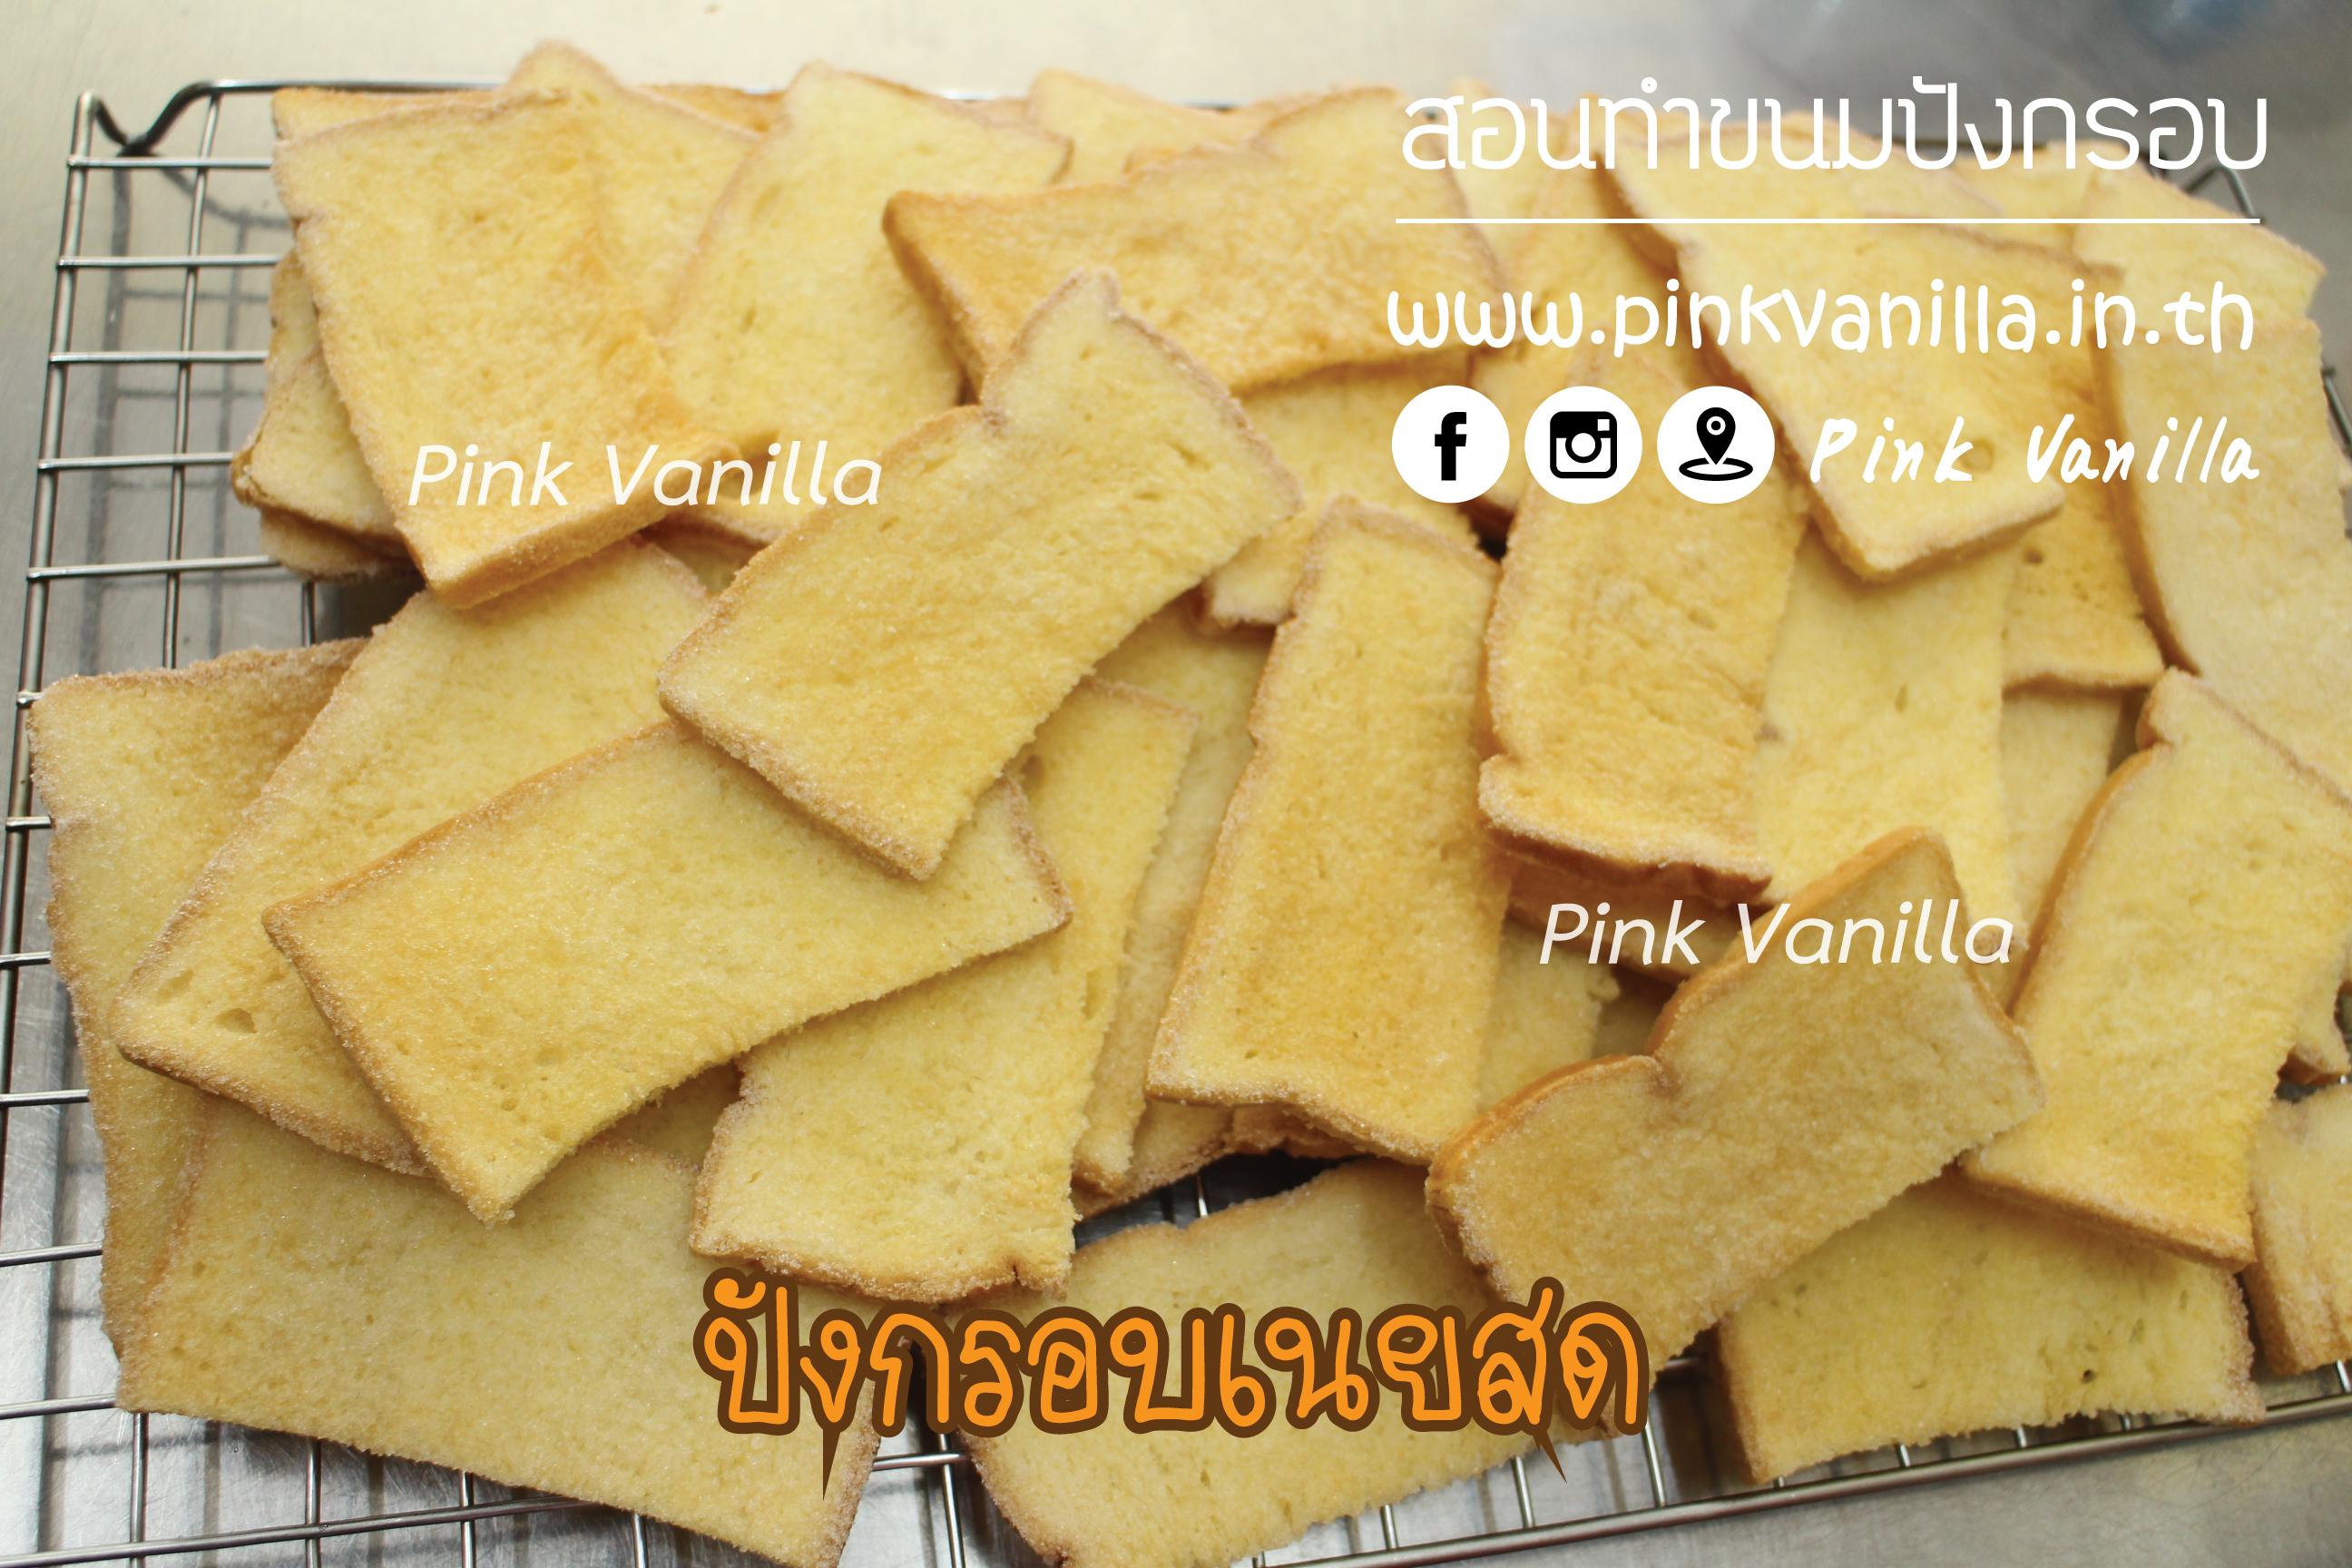 สอนทำขนมปังกรอบเนยสด สอนทำขนมปังกรอบกระเทียมหอม สอนทำขนมปังเนยนม